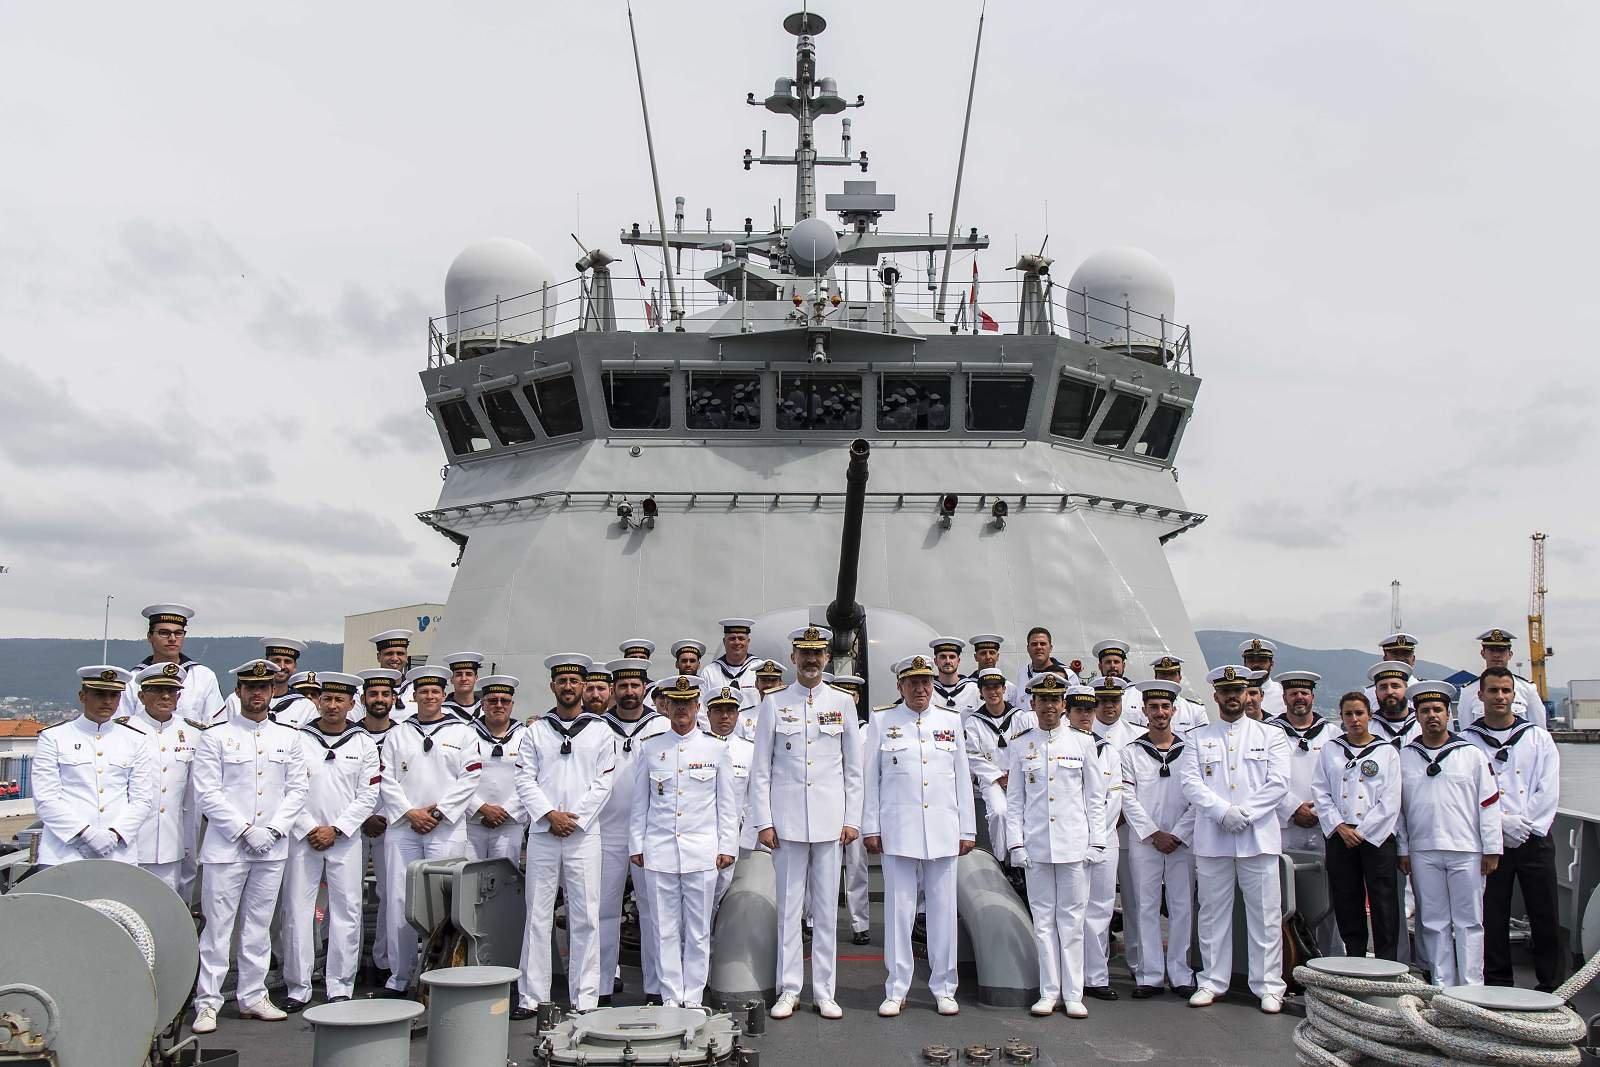 Inédita foto de familia de la dotación del P44 Tornado al término de la exhibición naval, con nada menos que dos reyes de España a bordo (Foto: Manuel Benítez Cillán/Armada española)